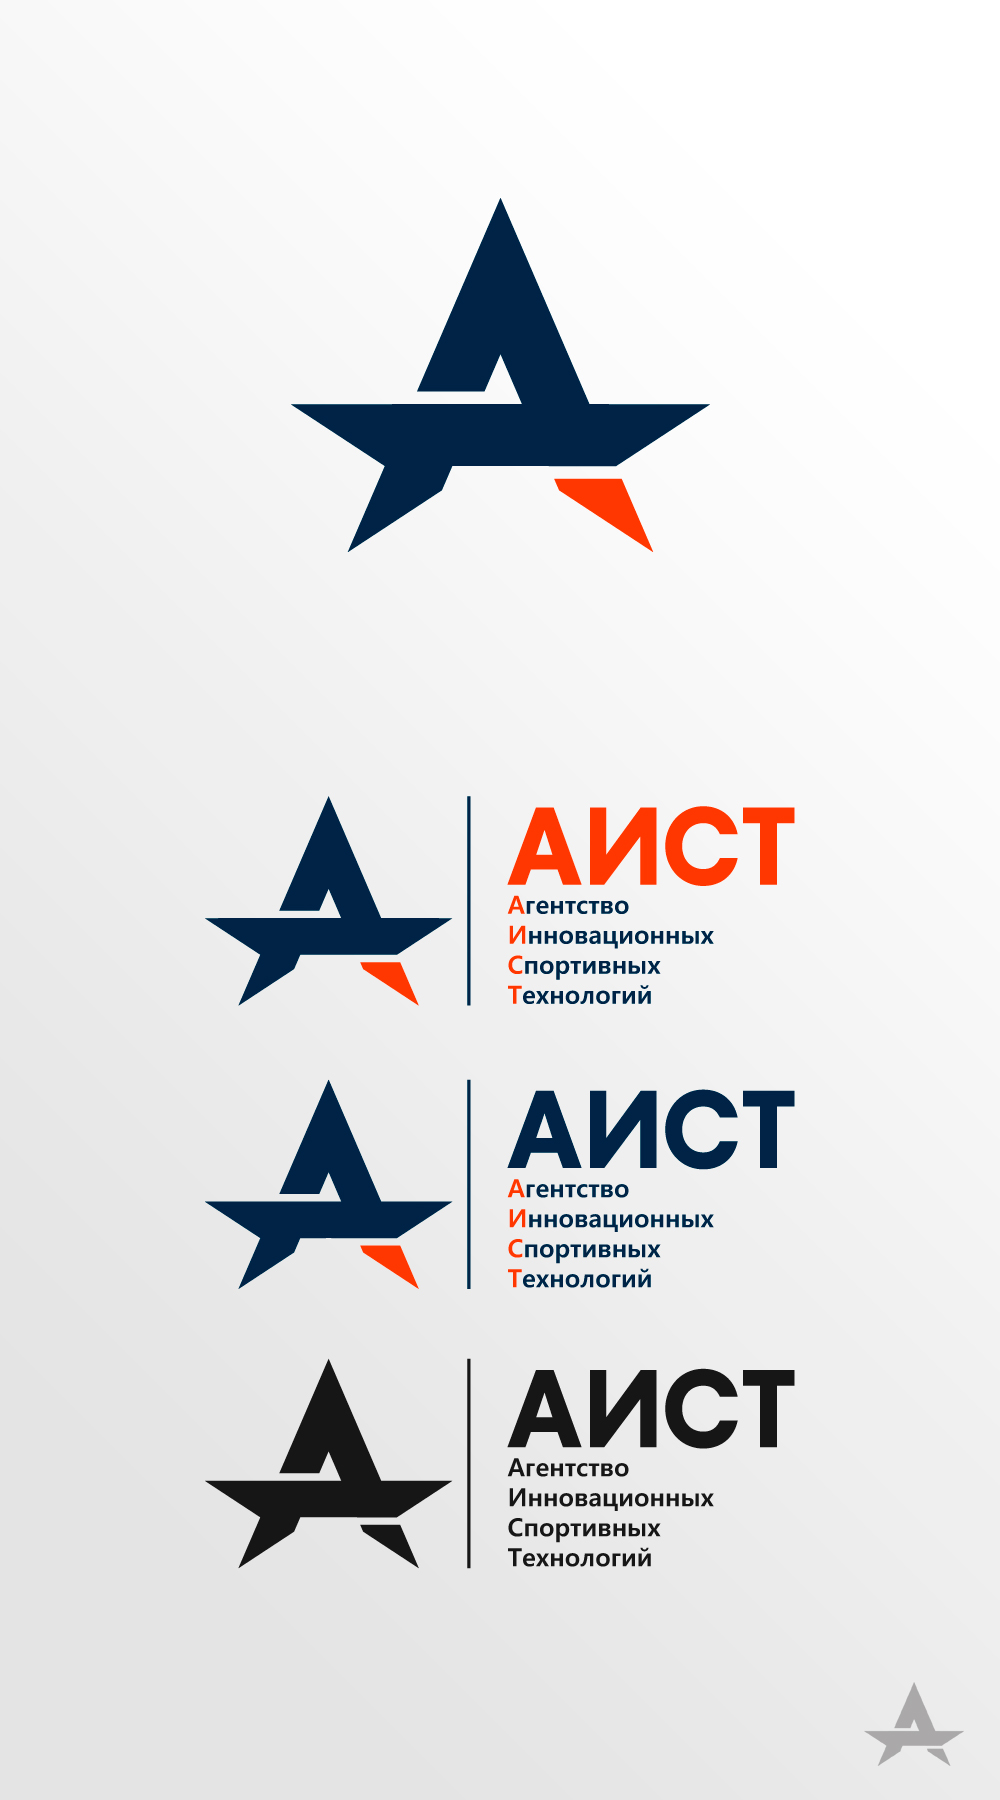 Лого и фирменный стиль (бланк, визитка) фото f_657517e7a5e7877b.jpg